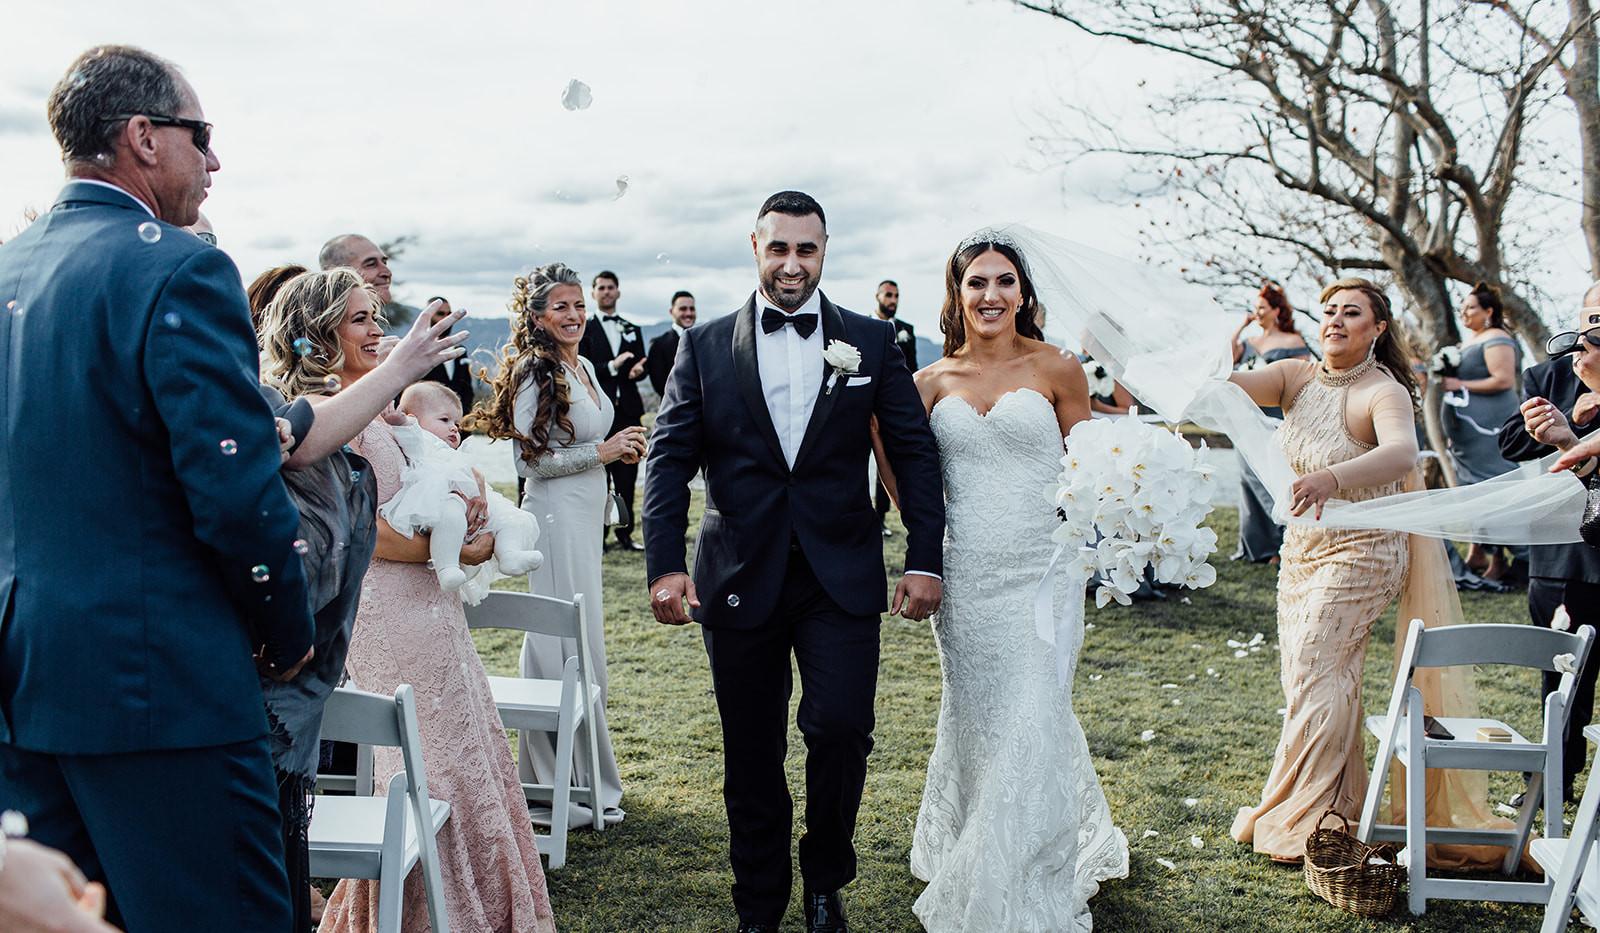 Ahmad&Carly-Wedding-HighRes-0428.jpg